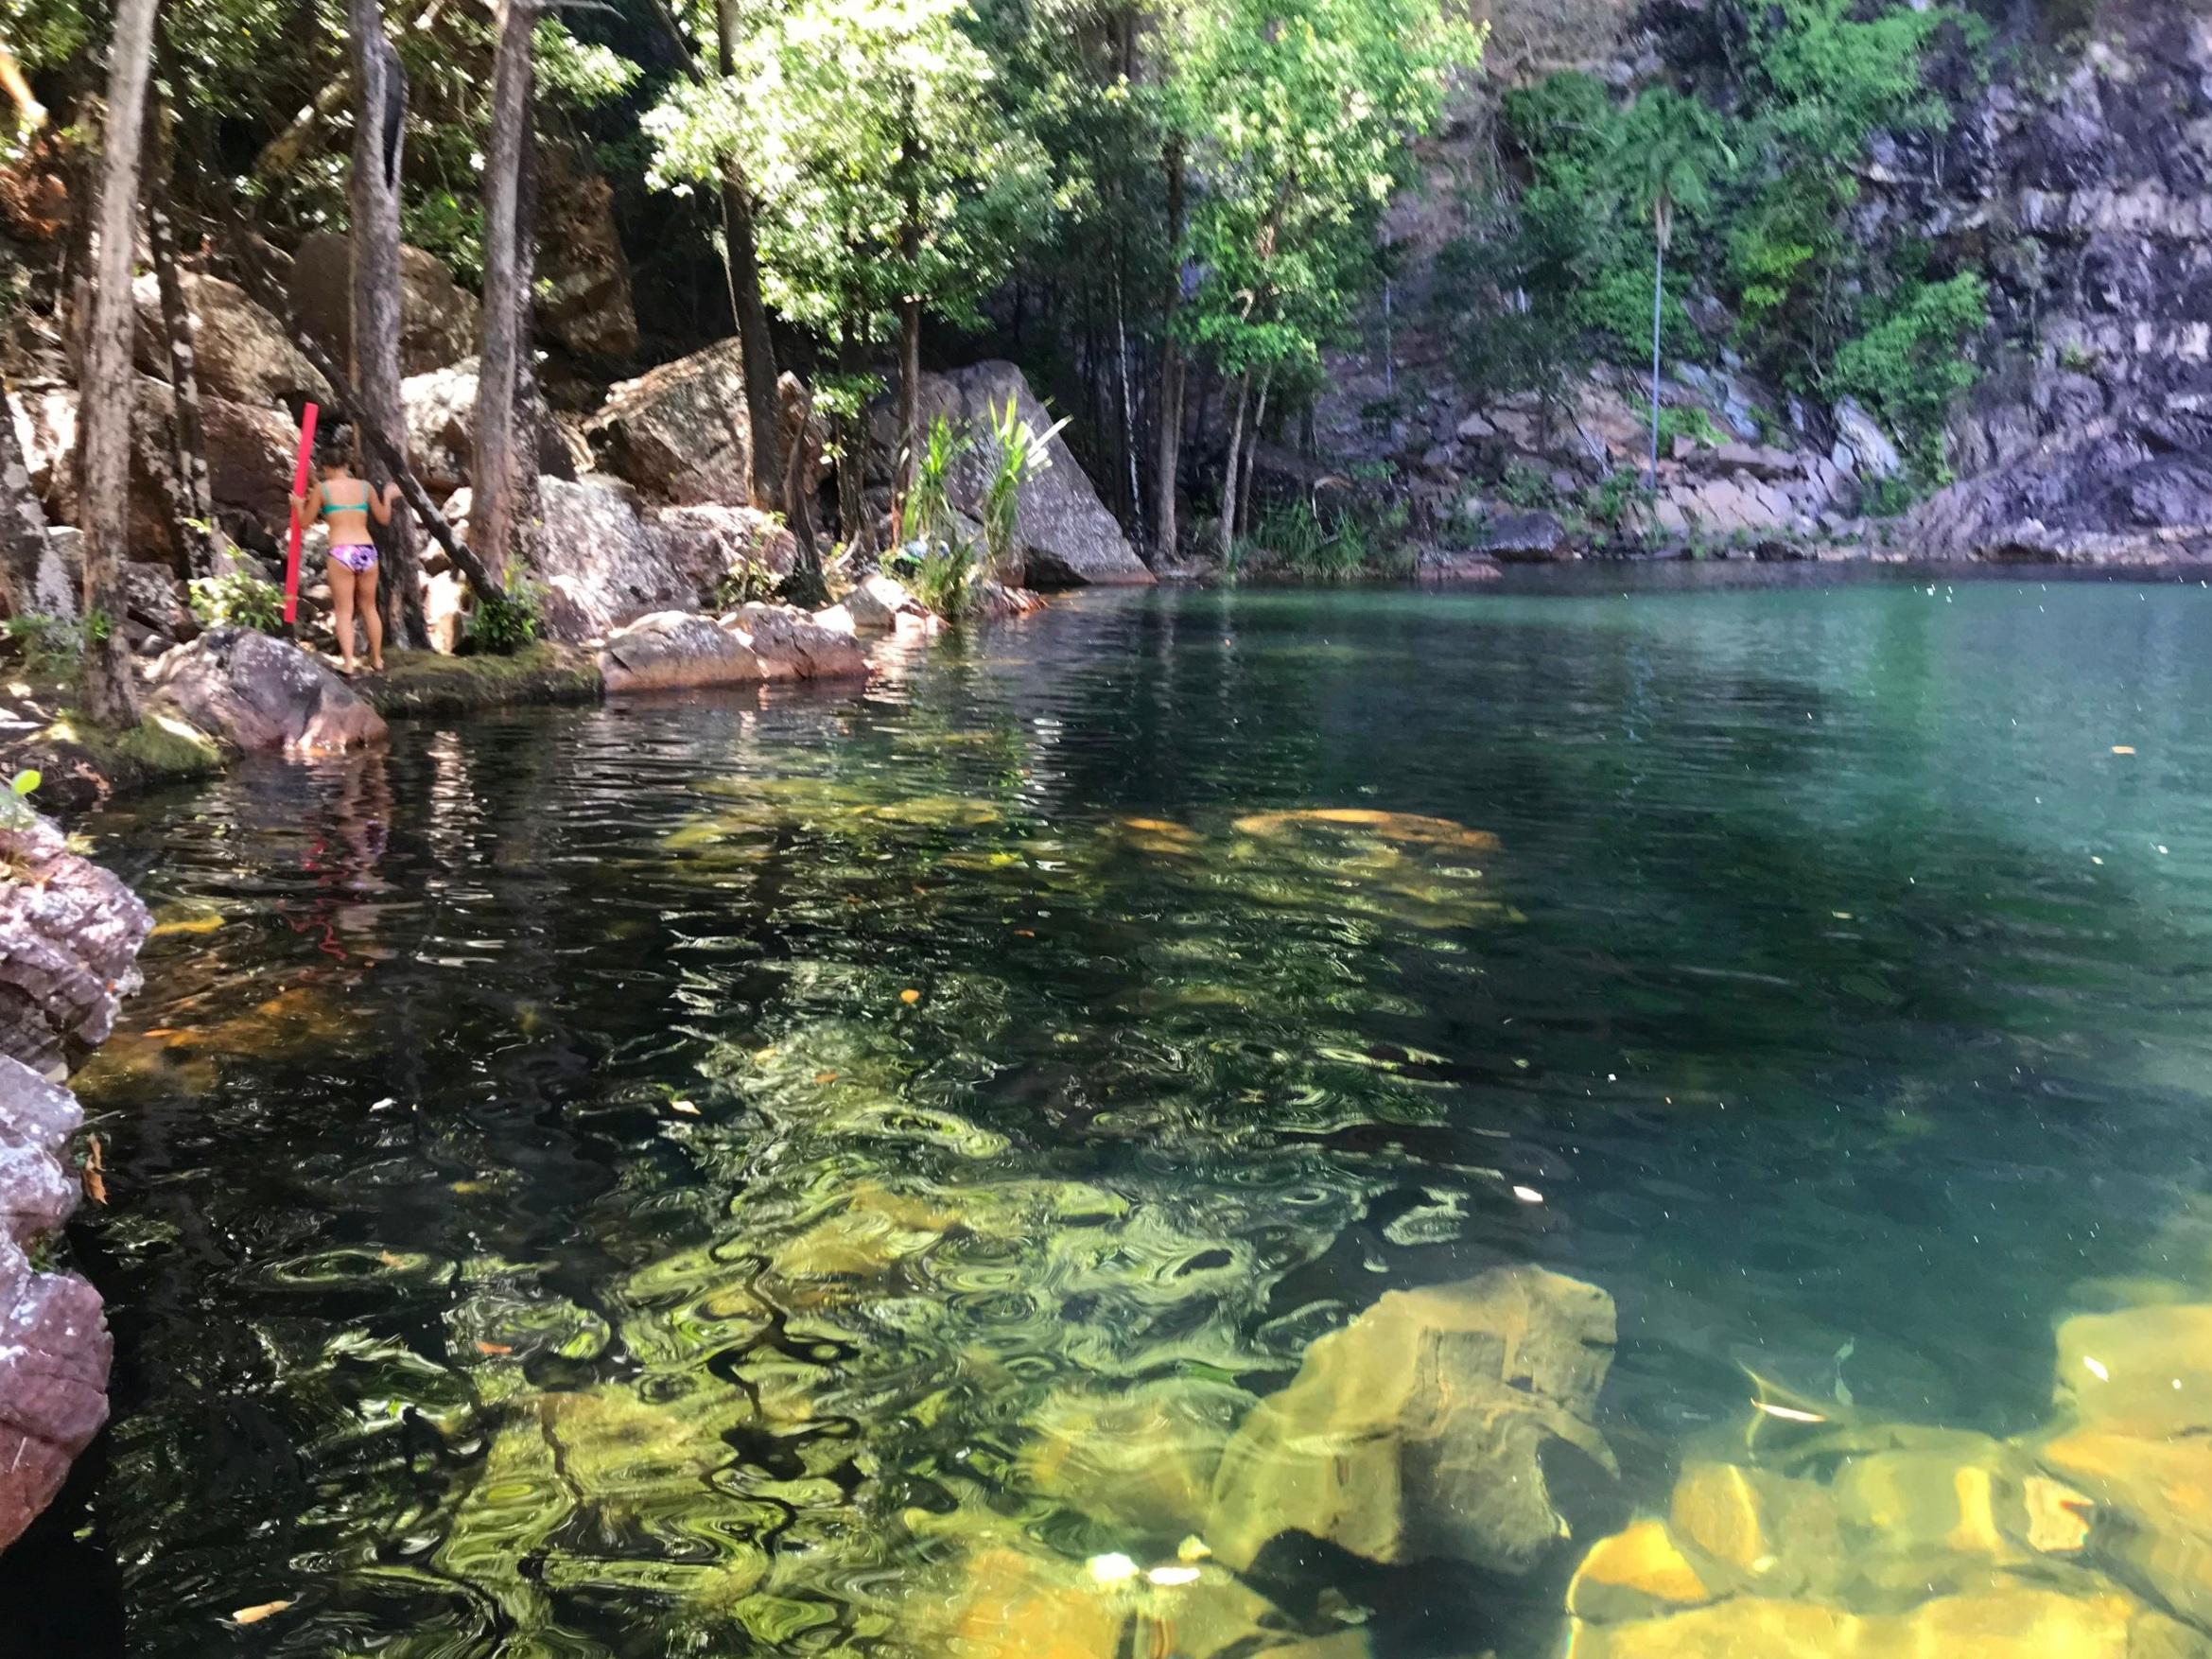 Tjaynera Falls swimming hole